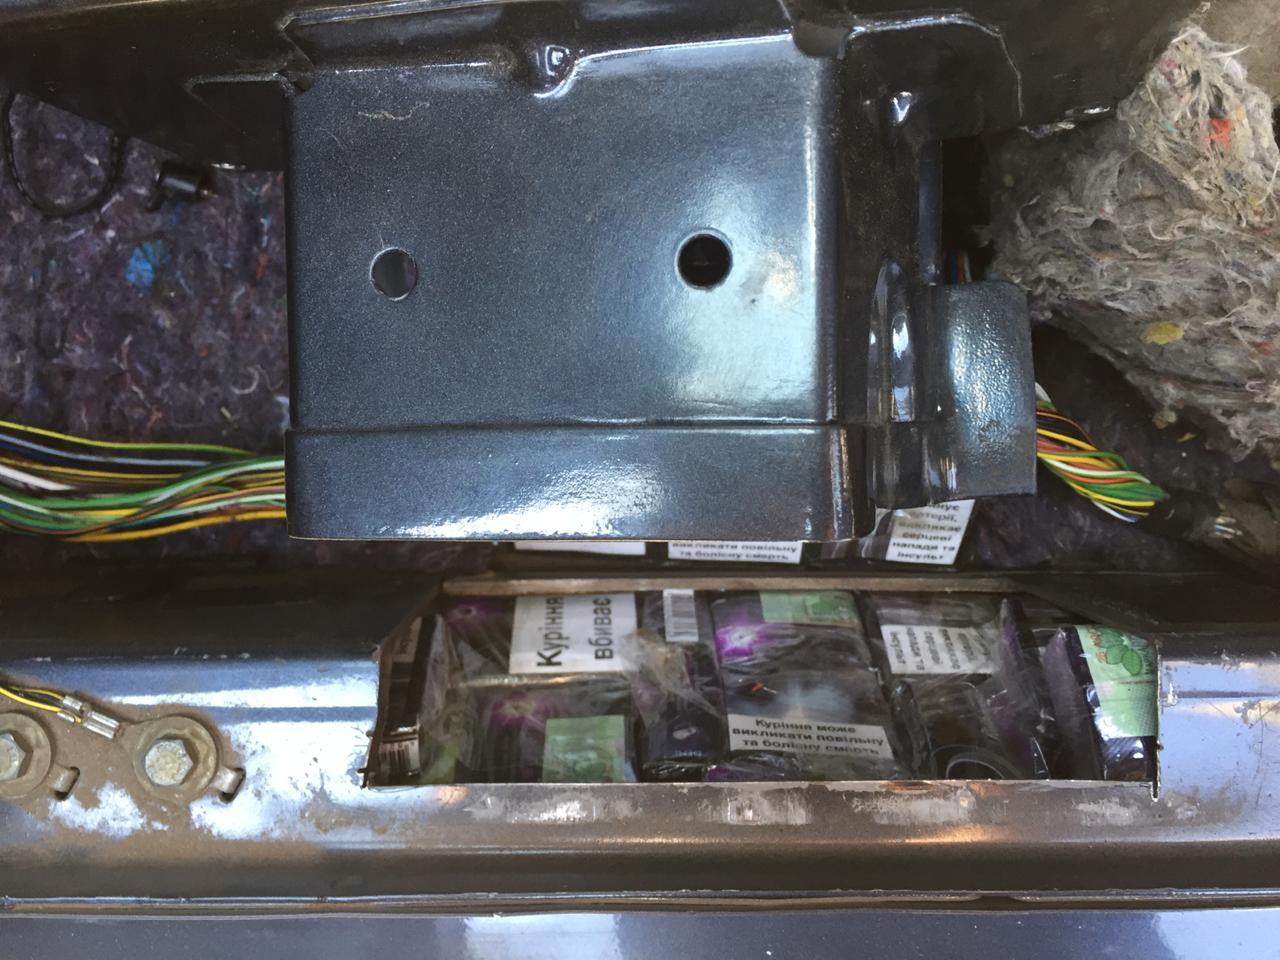 Службовий собака допоміг працівникам Закарпатської митниці ДФС виявити в автомобілі угорця приховані тютюнові вироби.